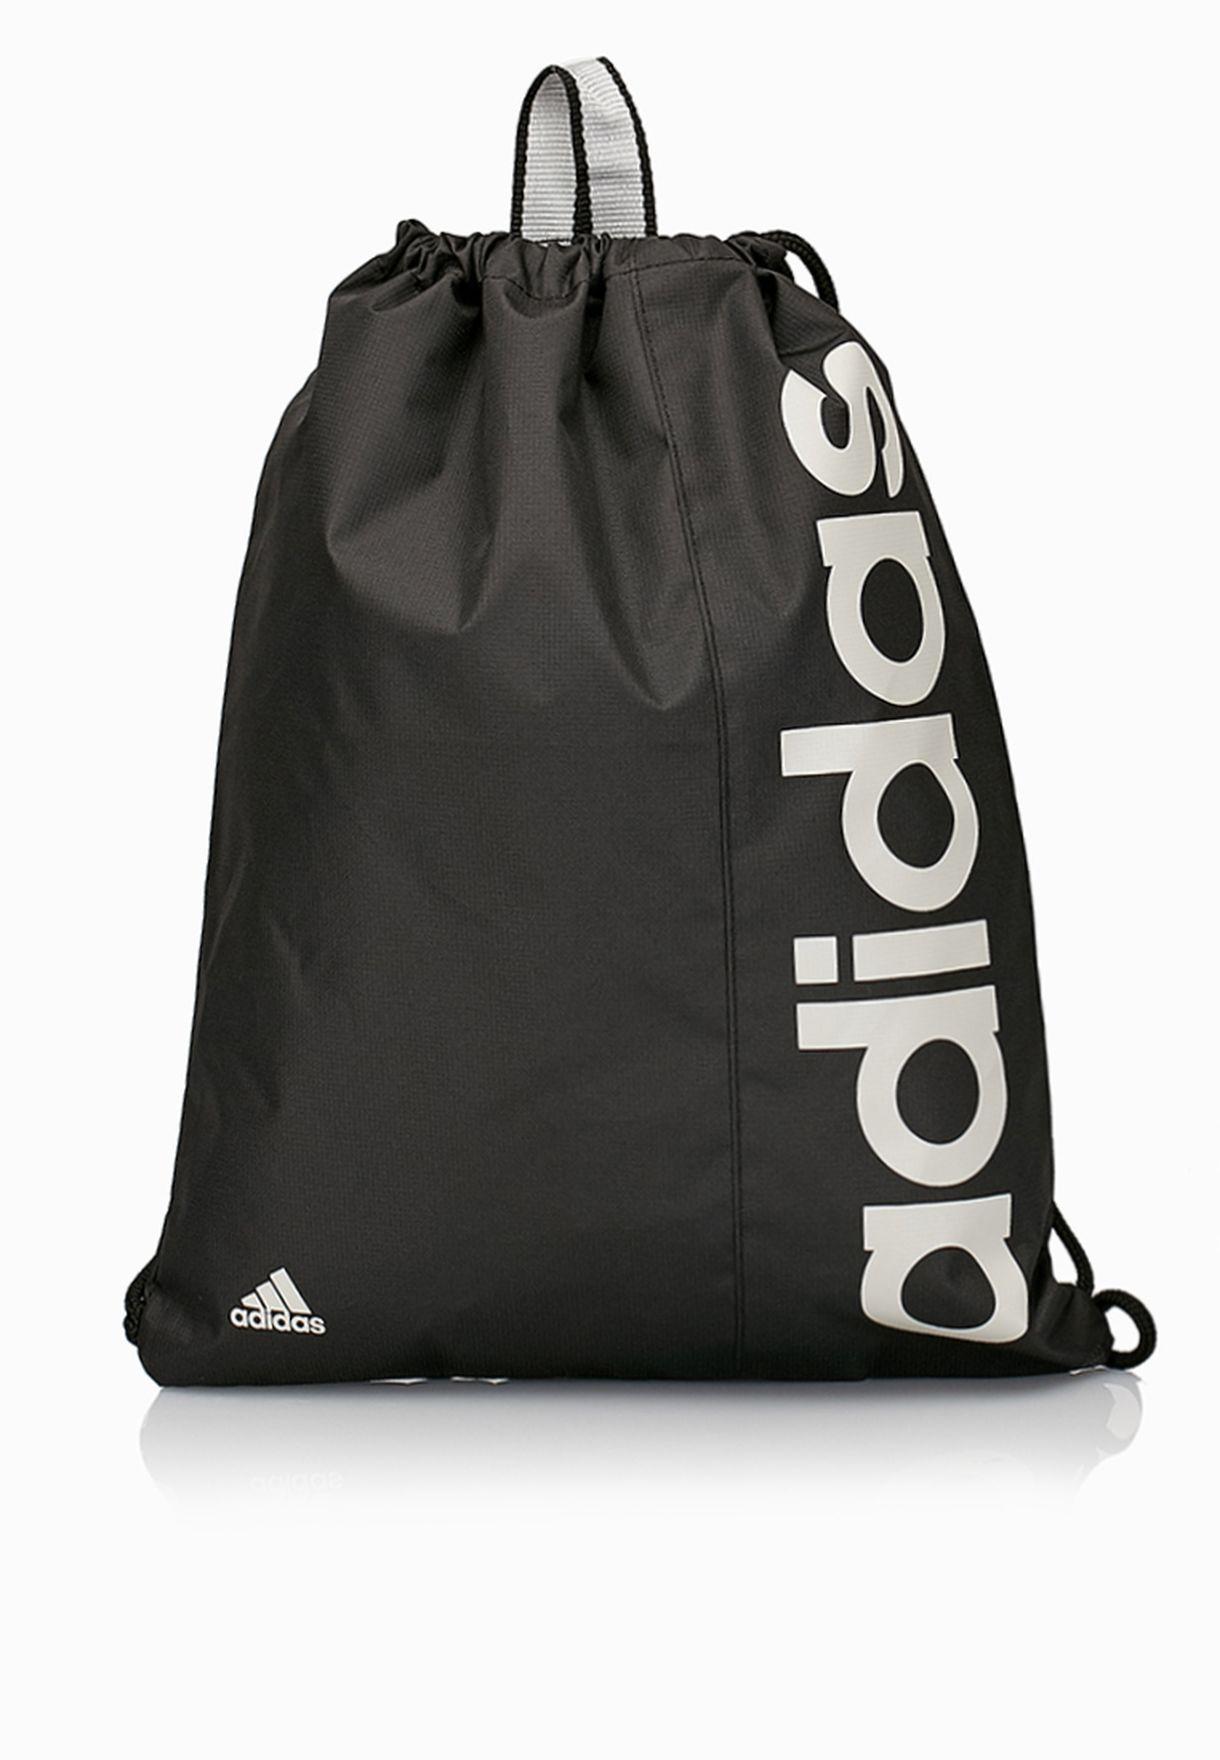 Shop adidas black Lin Gym Bag M69581 for Men in Qatar - AD476AC25UGS f71ec00d48